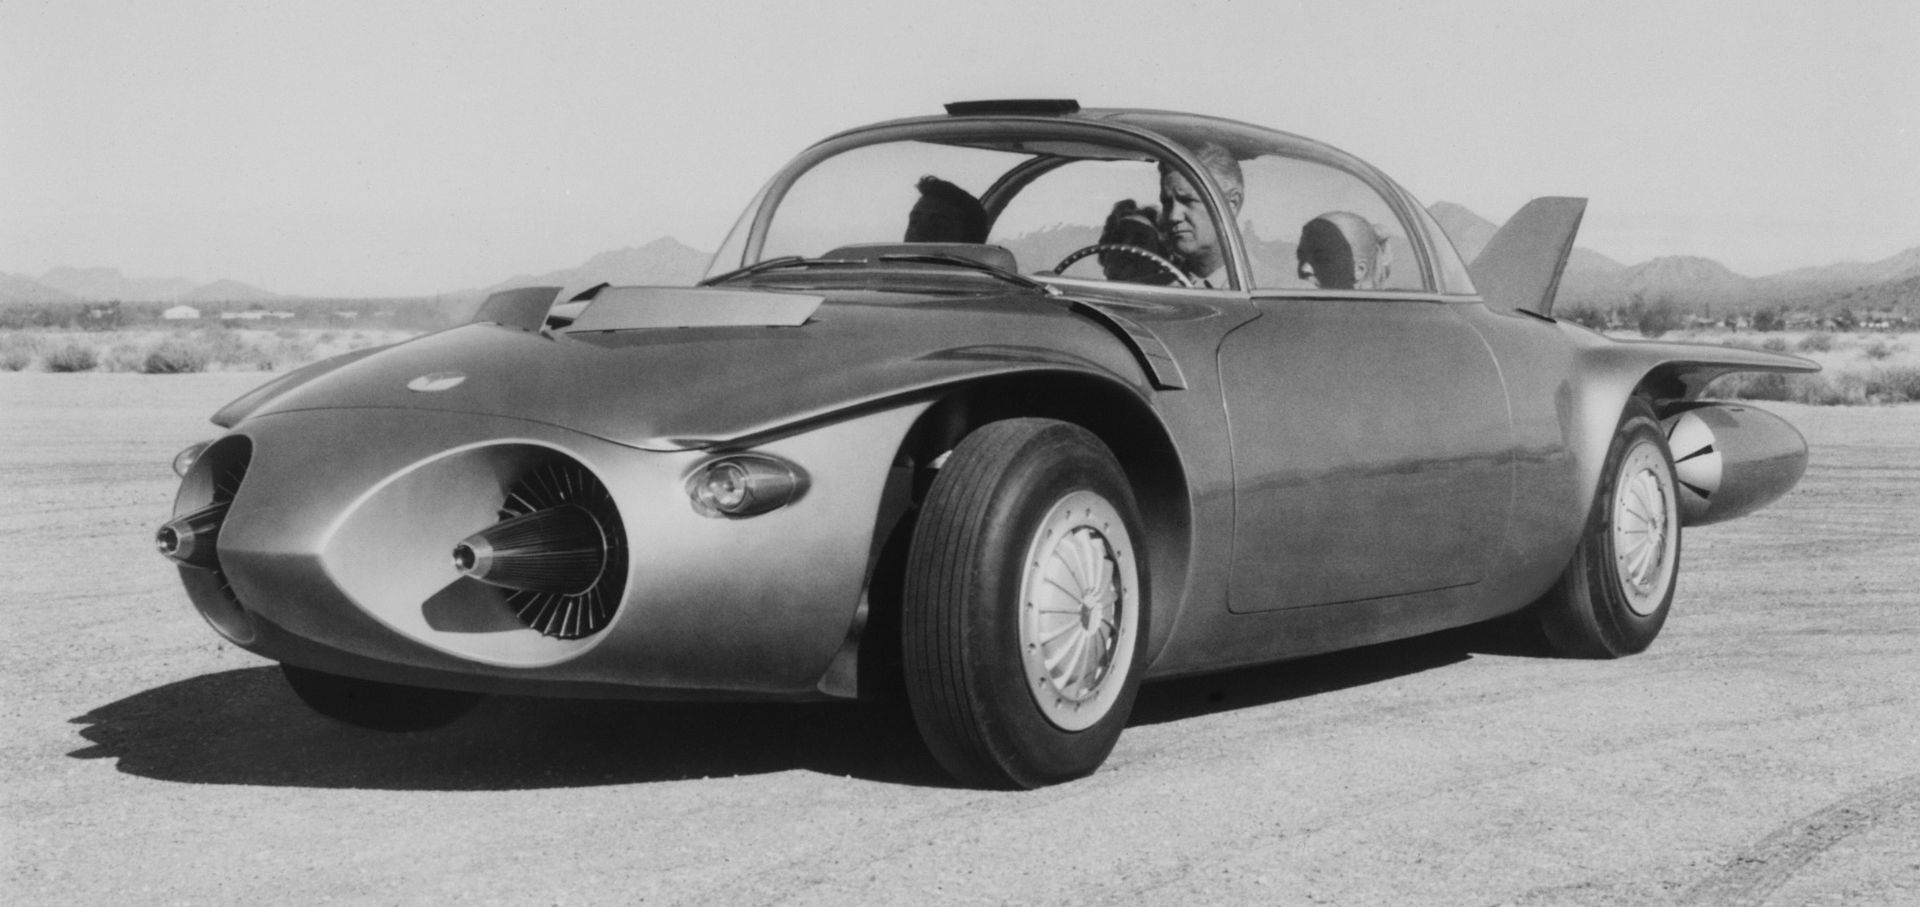 Coche del día: Pontiac Firebird II